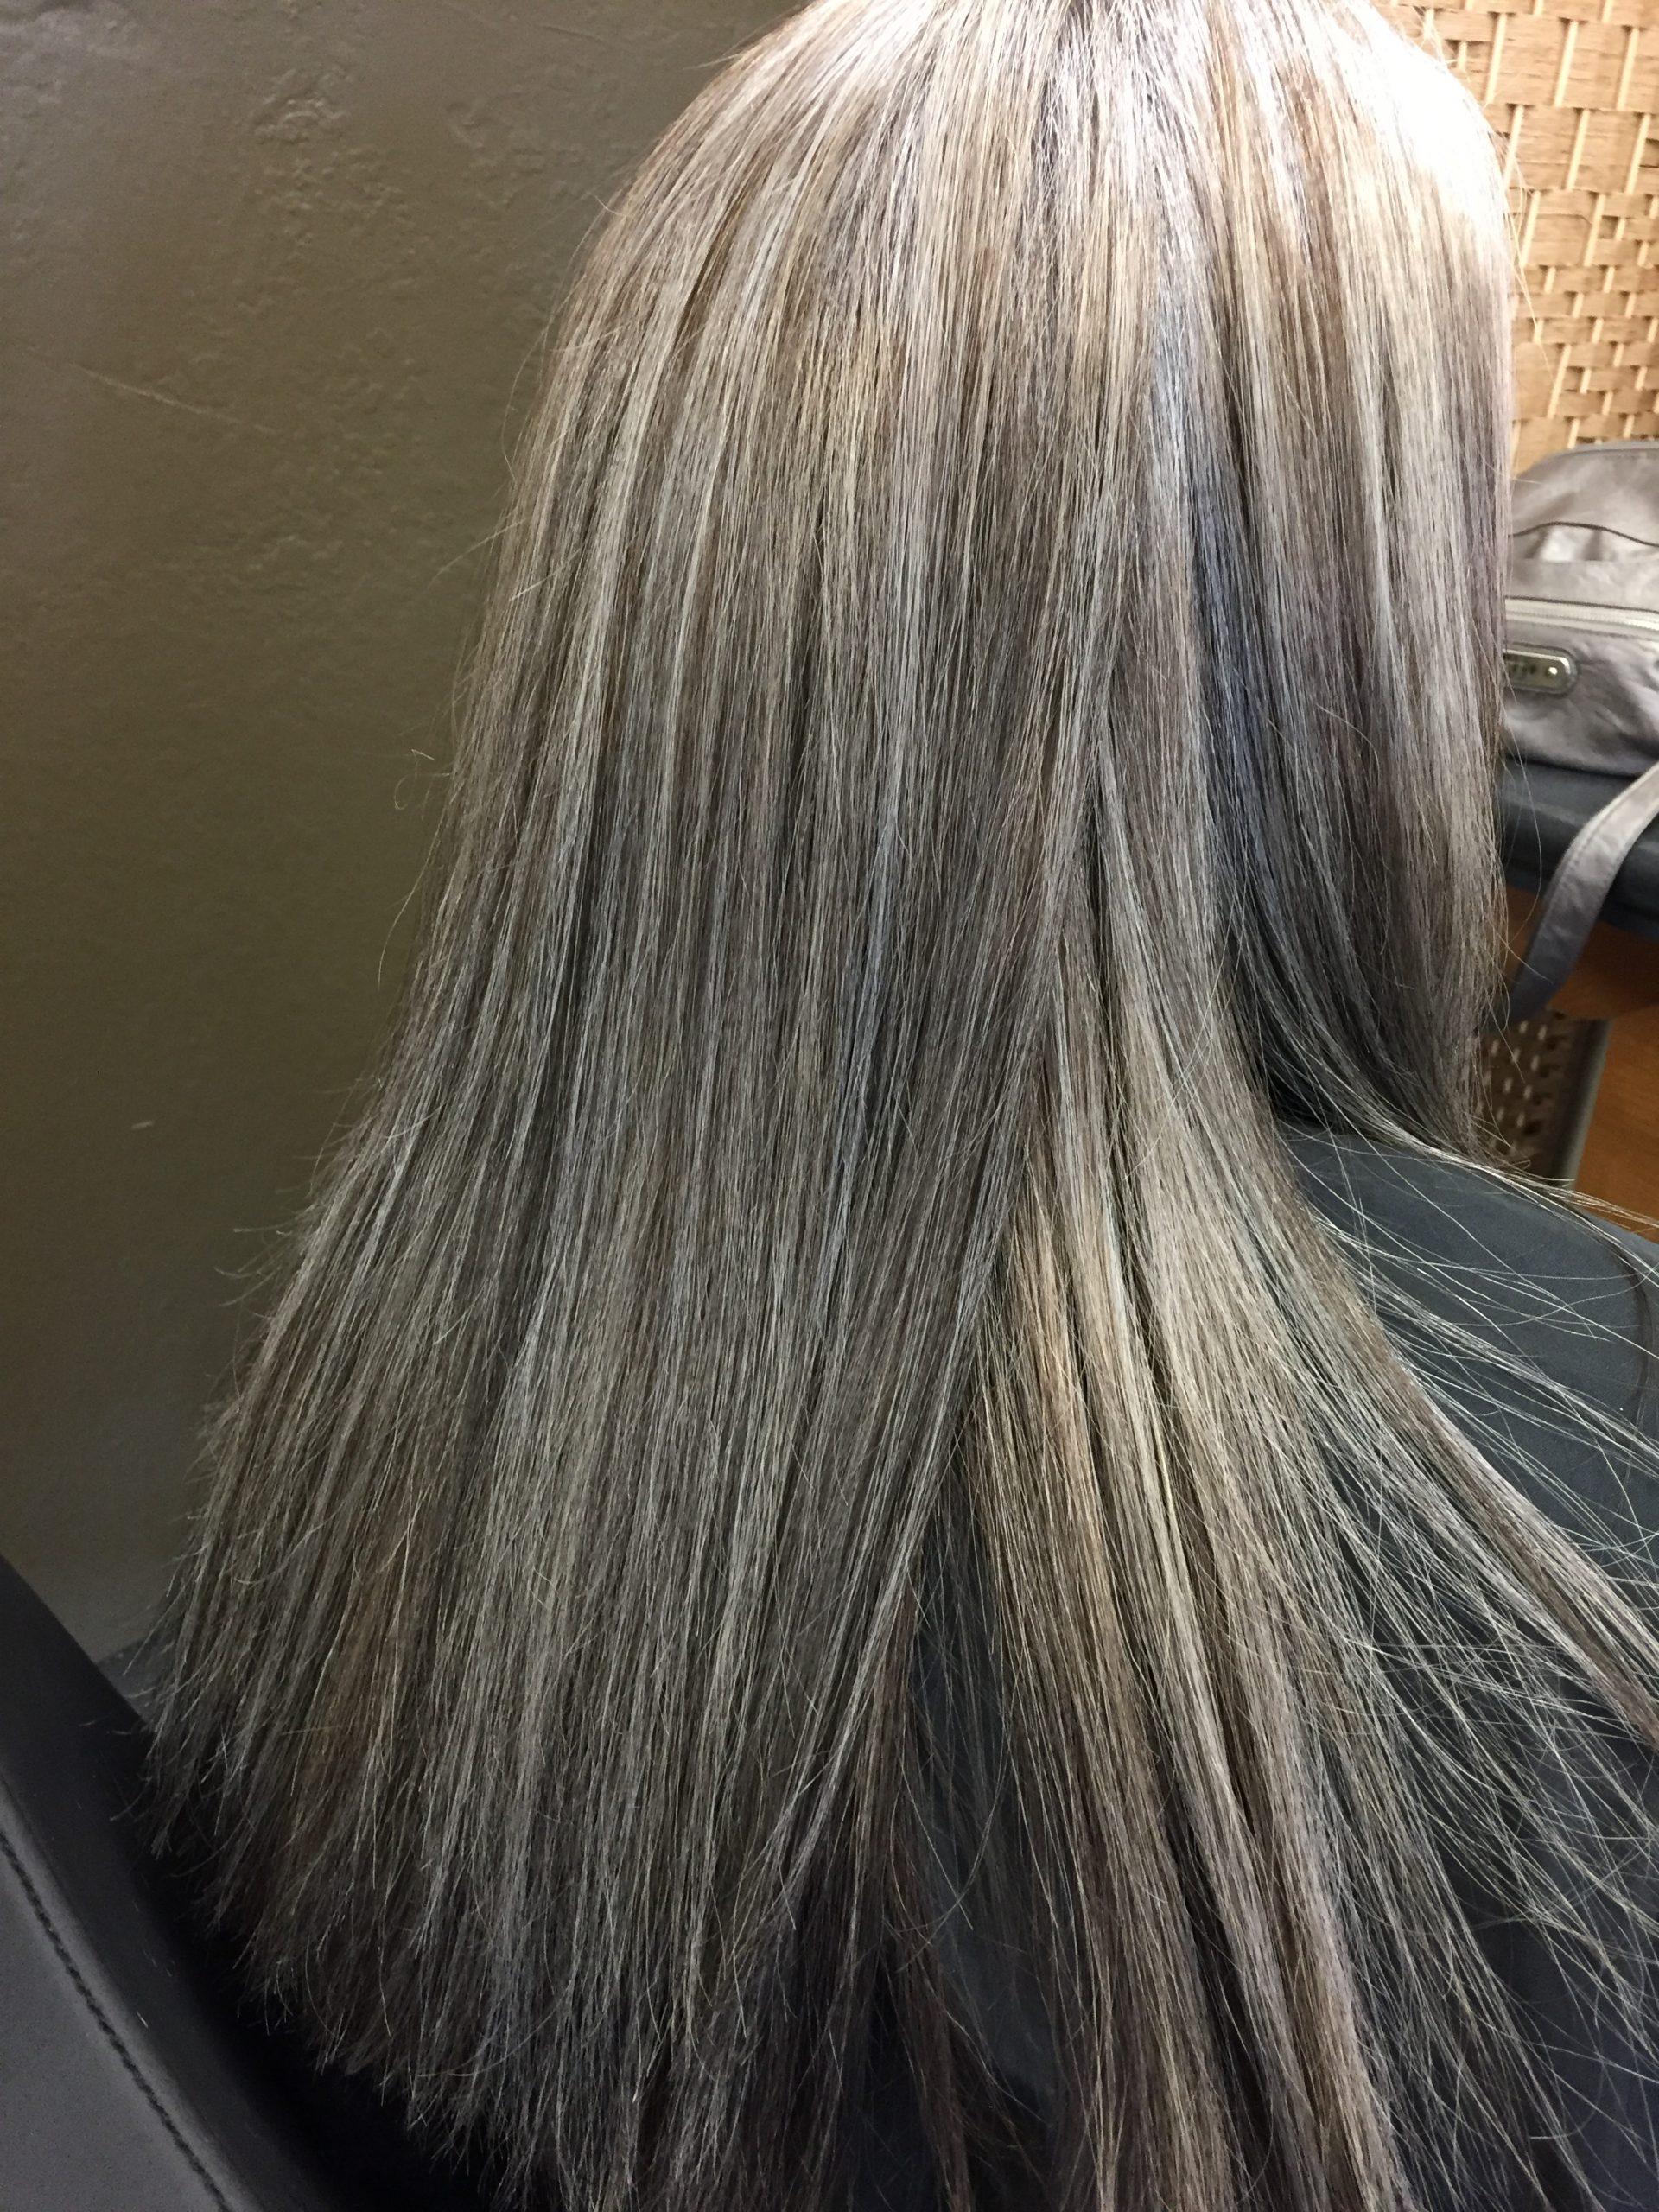 Hair Style Photos 33